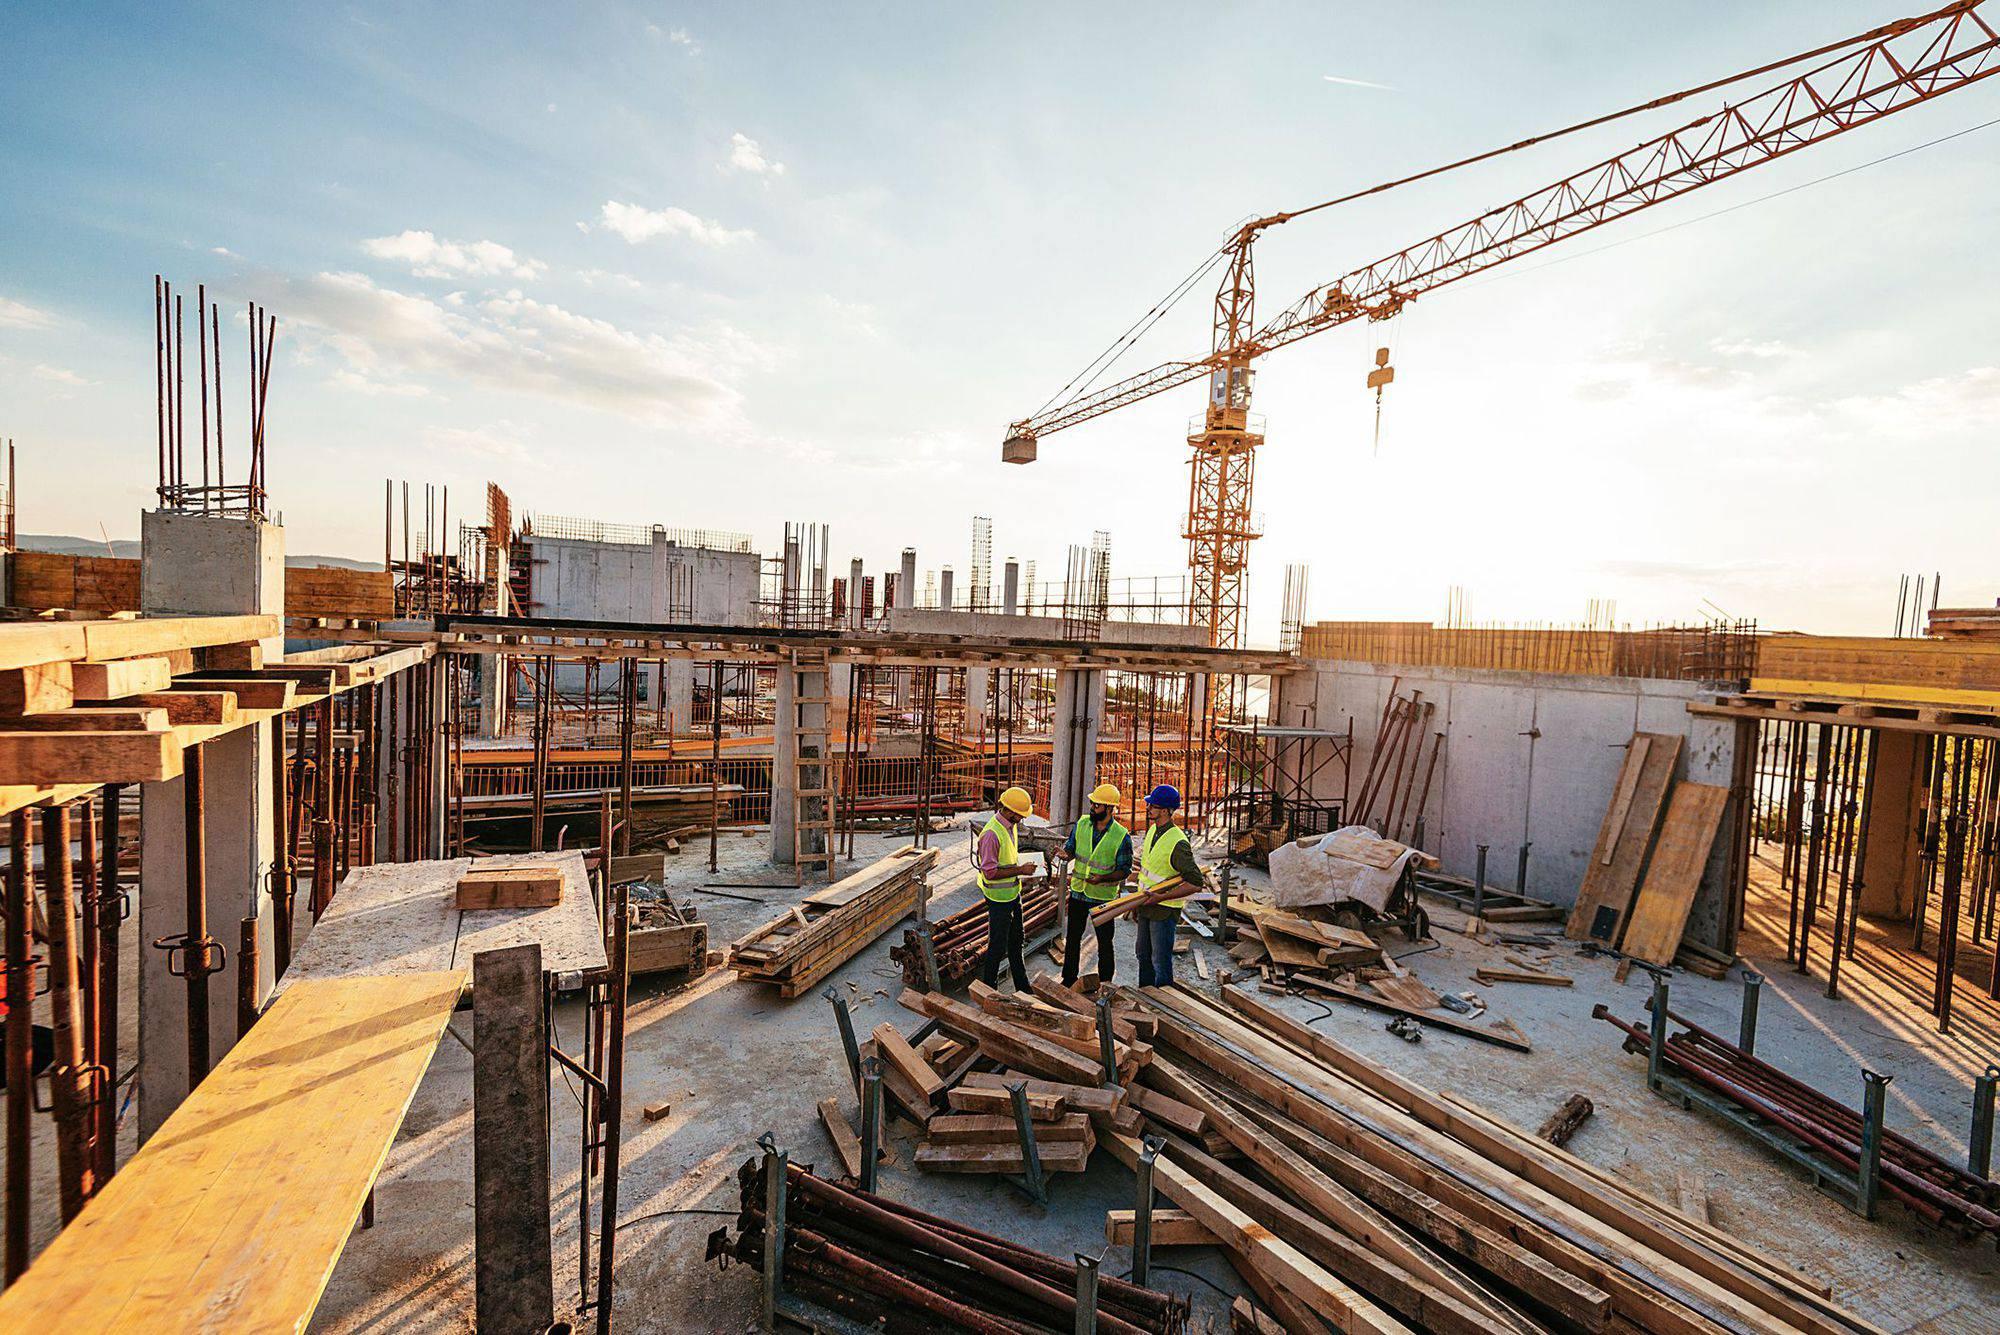 Entenda  a alta dos preços de materiais de construção civil